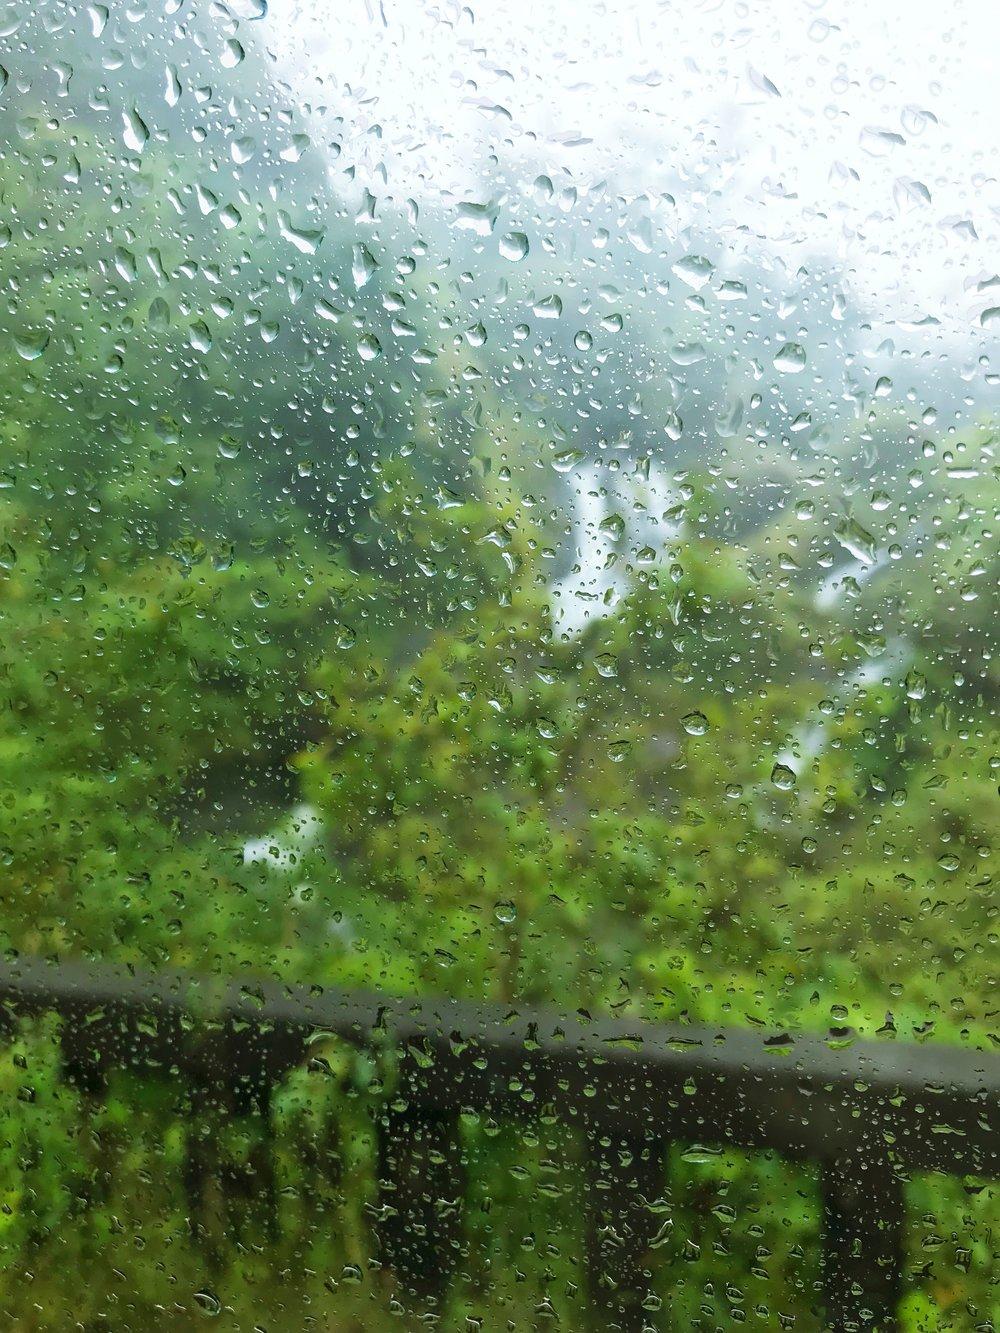 Rainy_Jungle